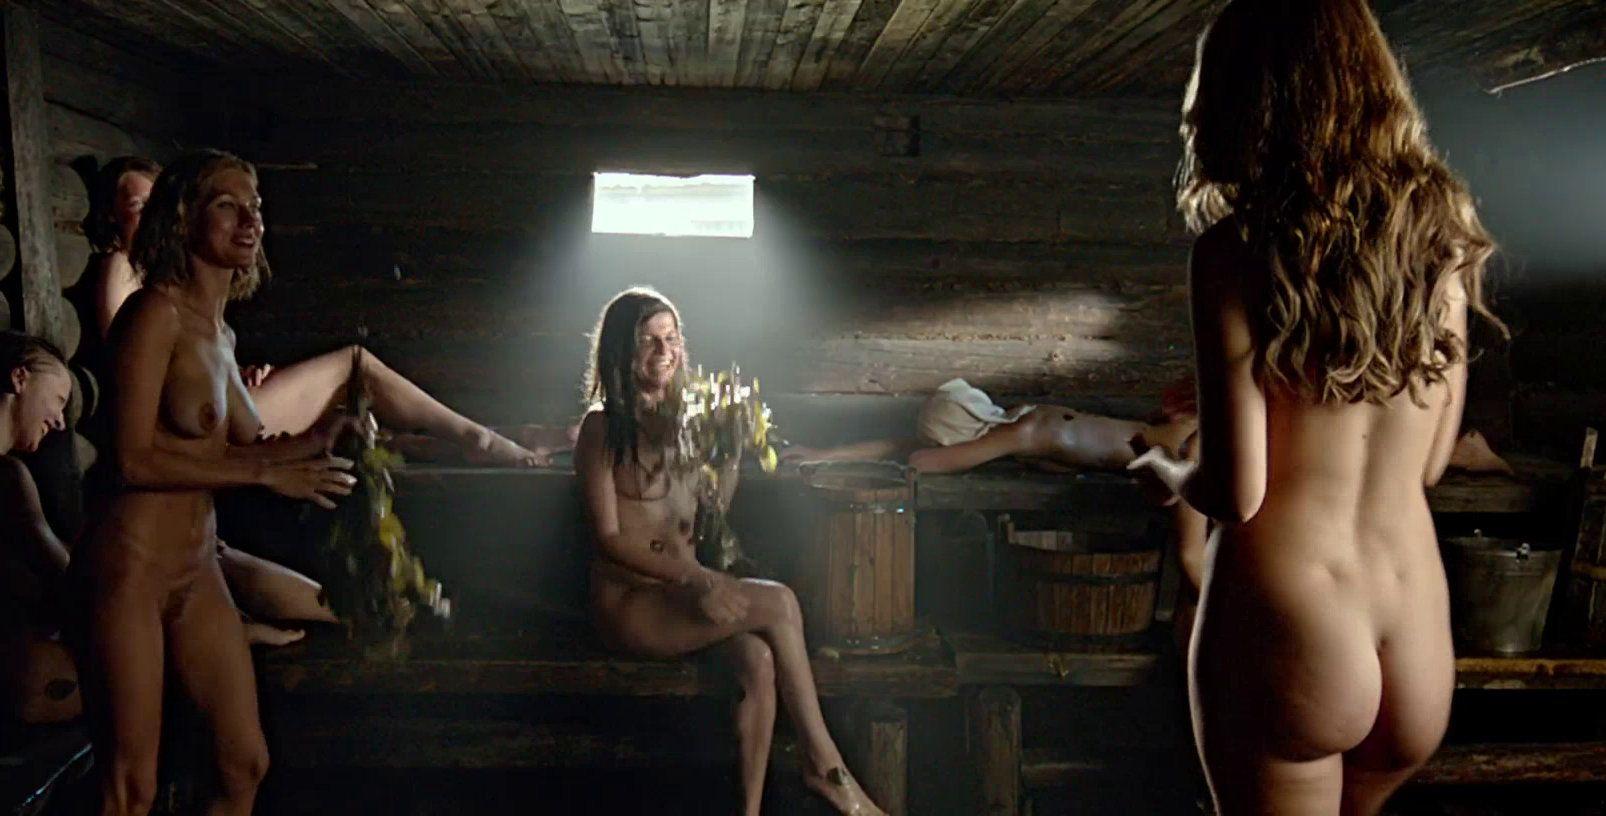 смотреть фильм онлайн голые женщины